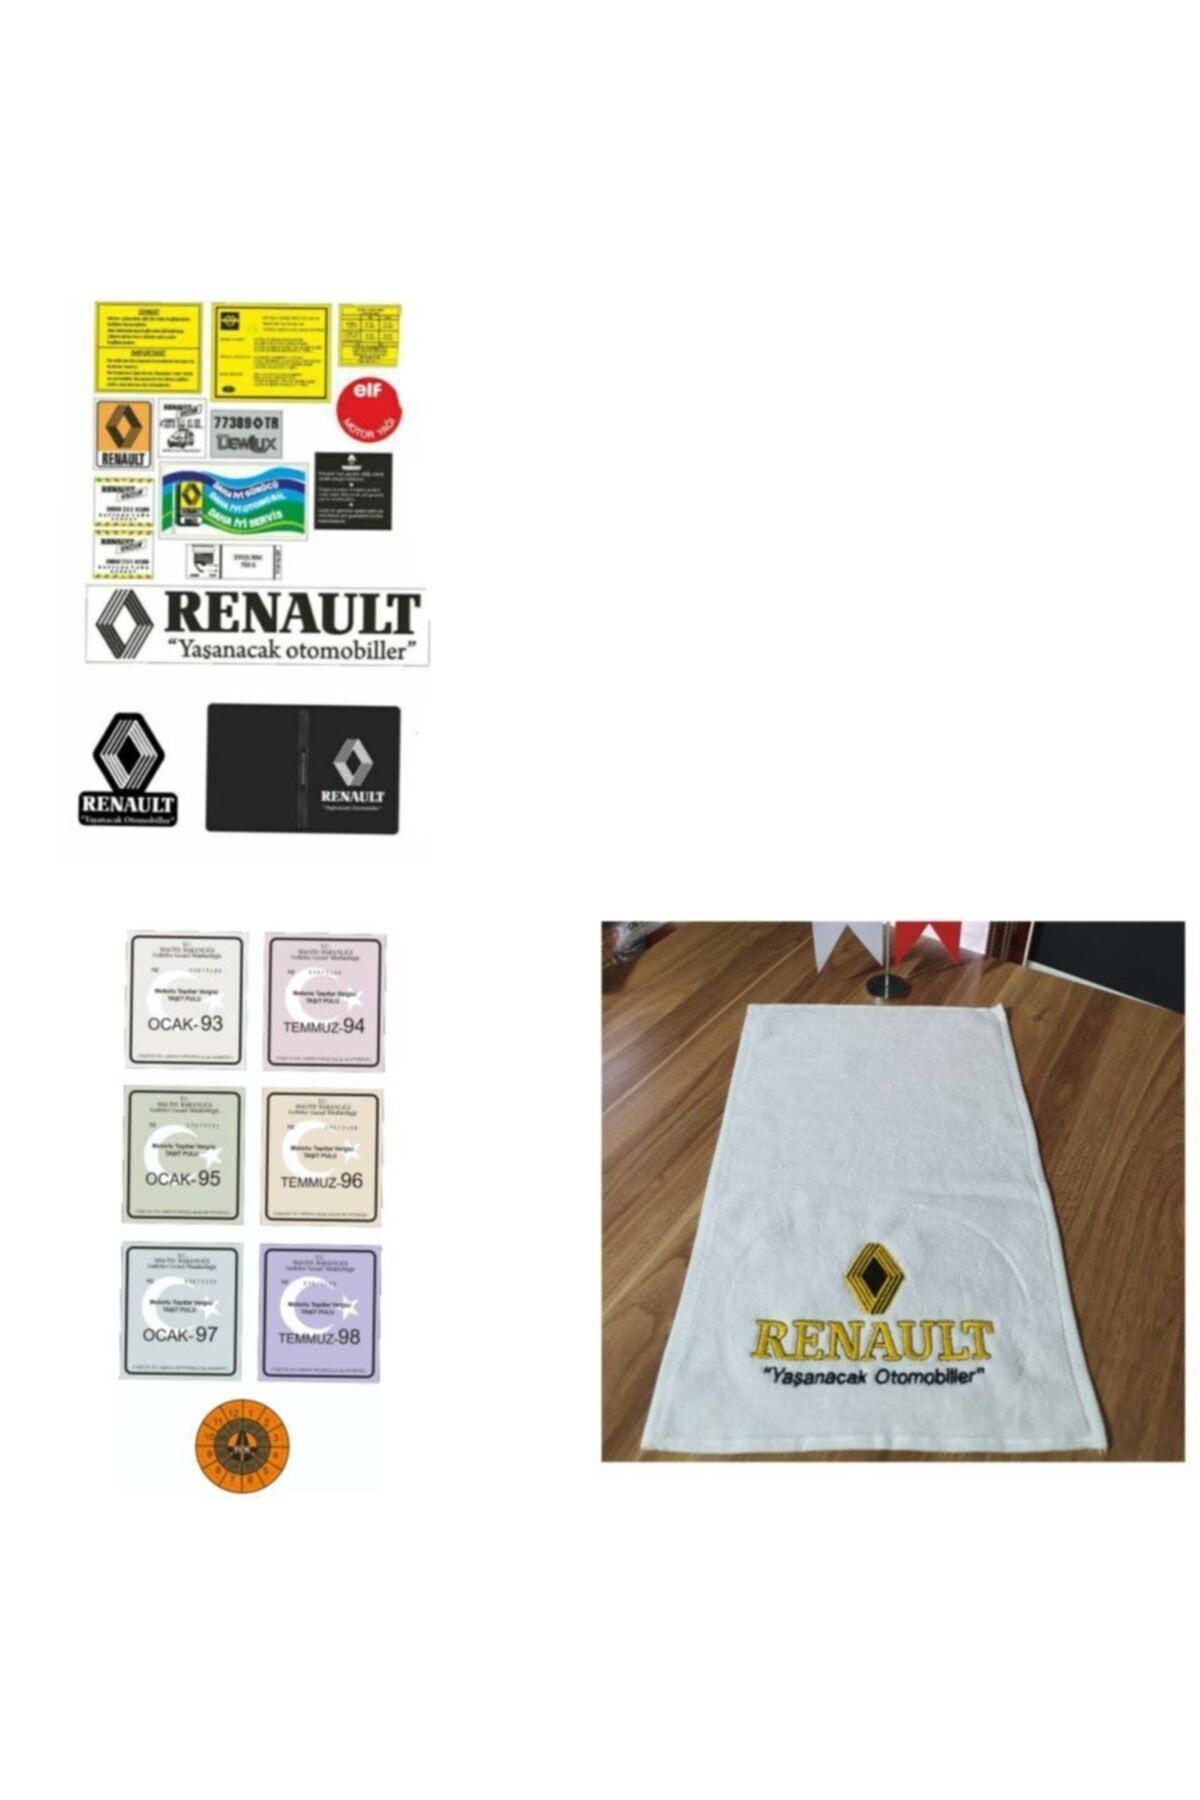 etikettakimi Renault Etiket Takımı Full Set 1